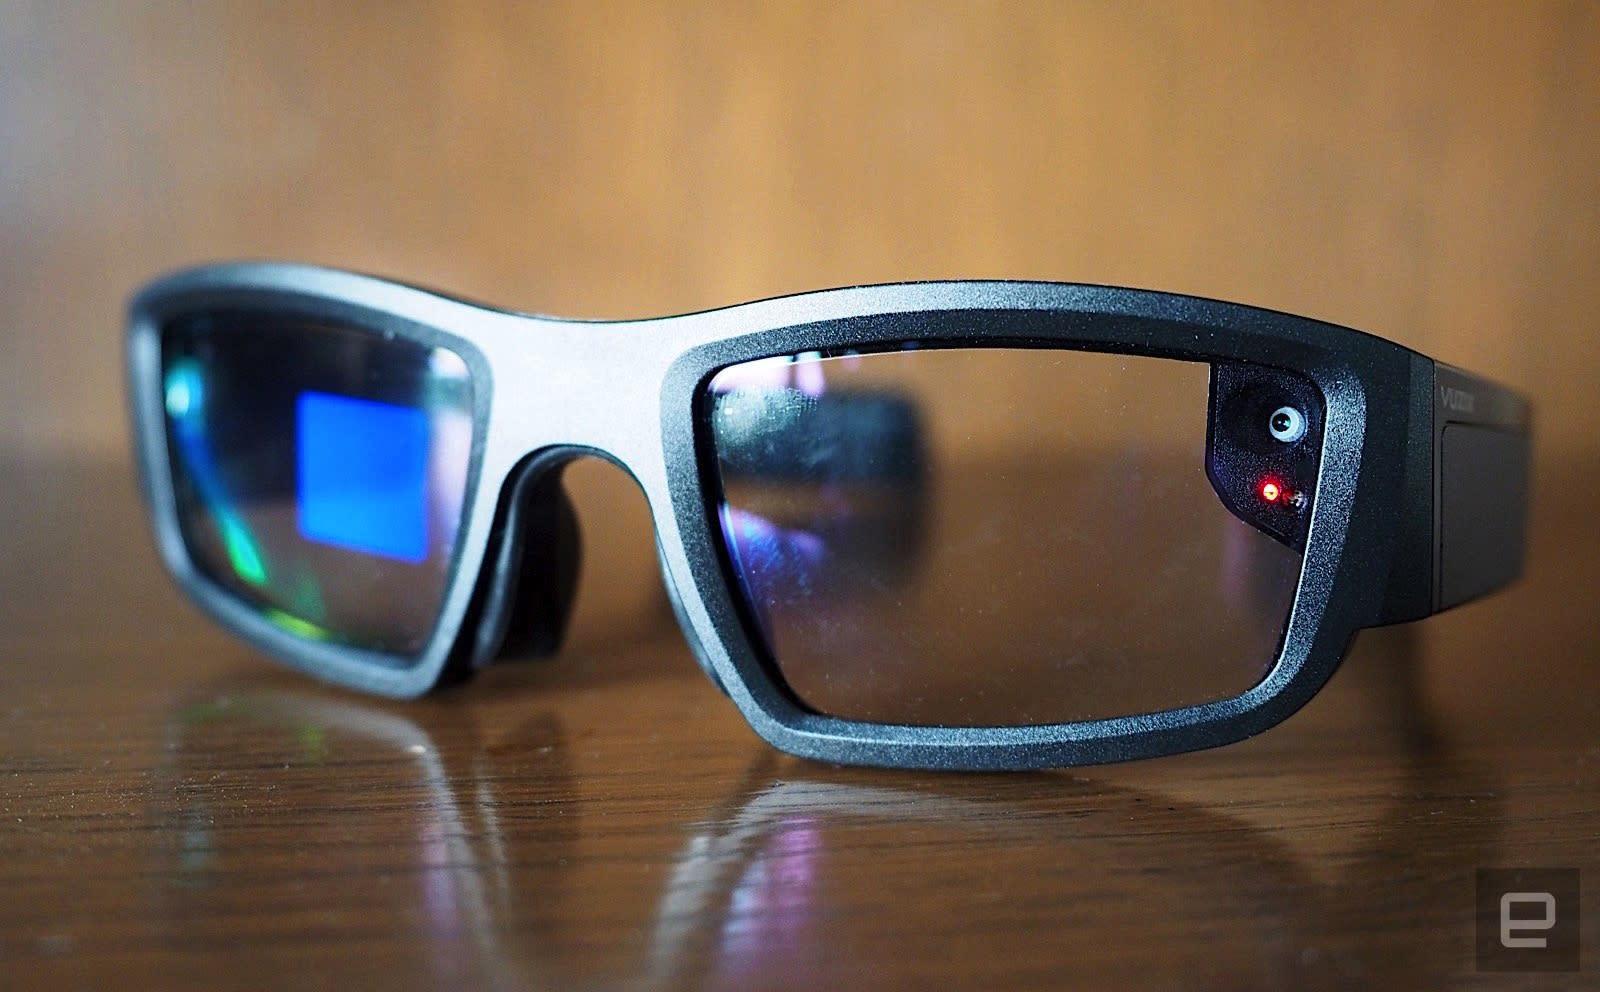 6ec7e62d36 Vuzix s smart glasses still aren t ready for prime time